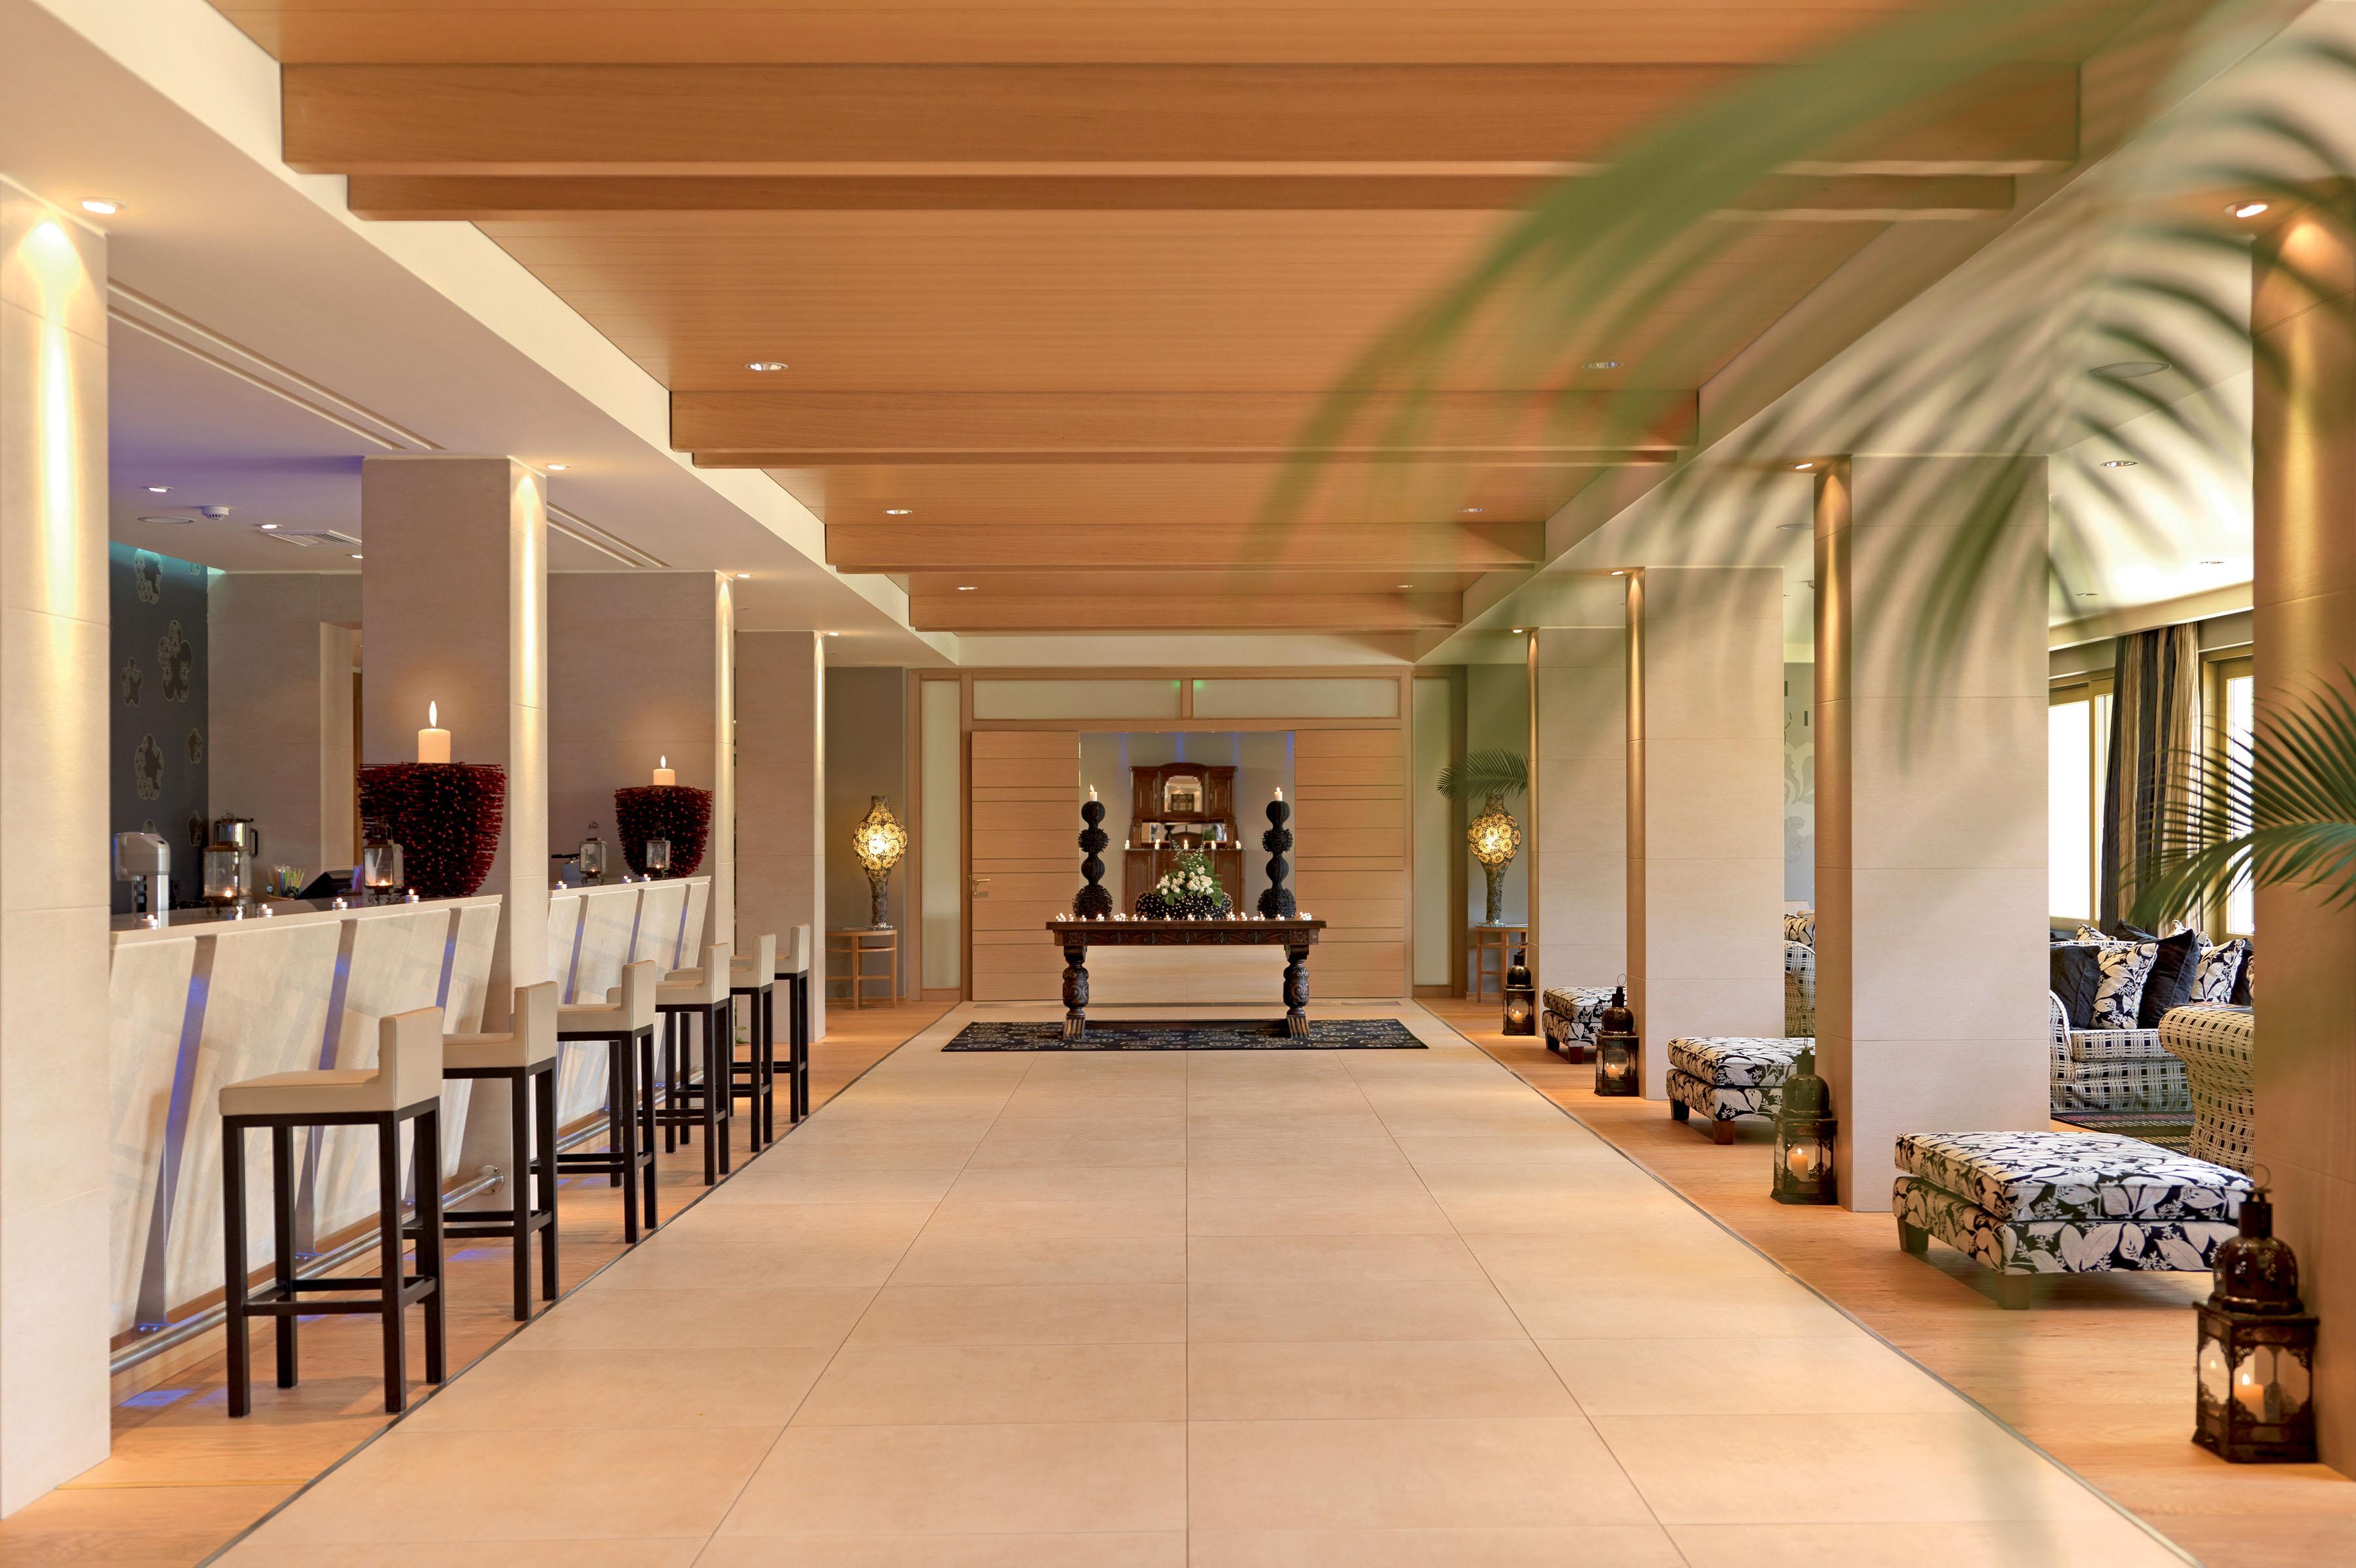 家居 酒店 起居室 设计 装修 3602_2398